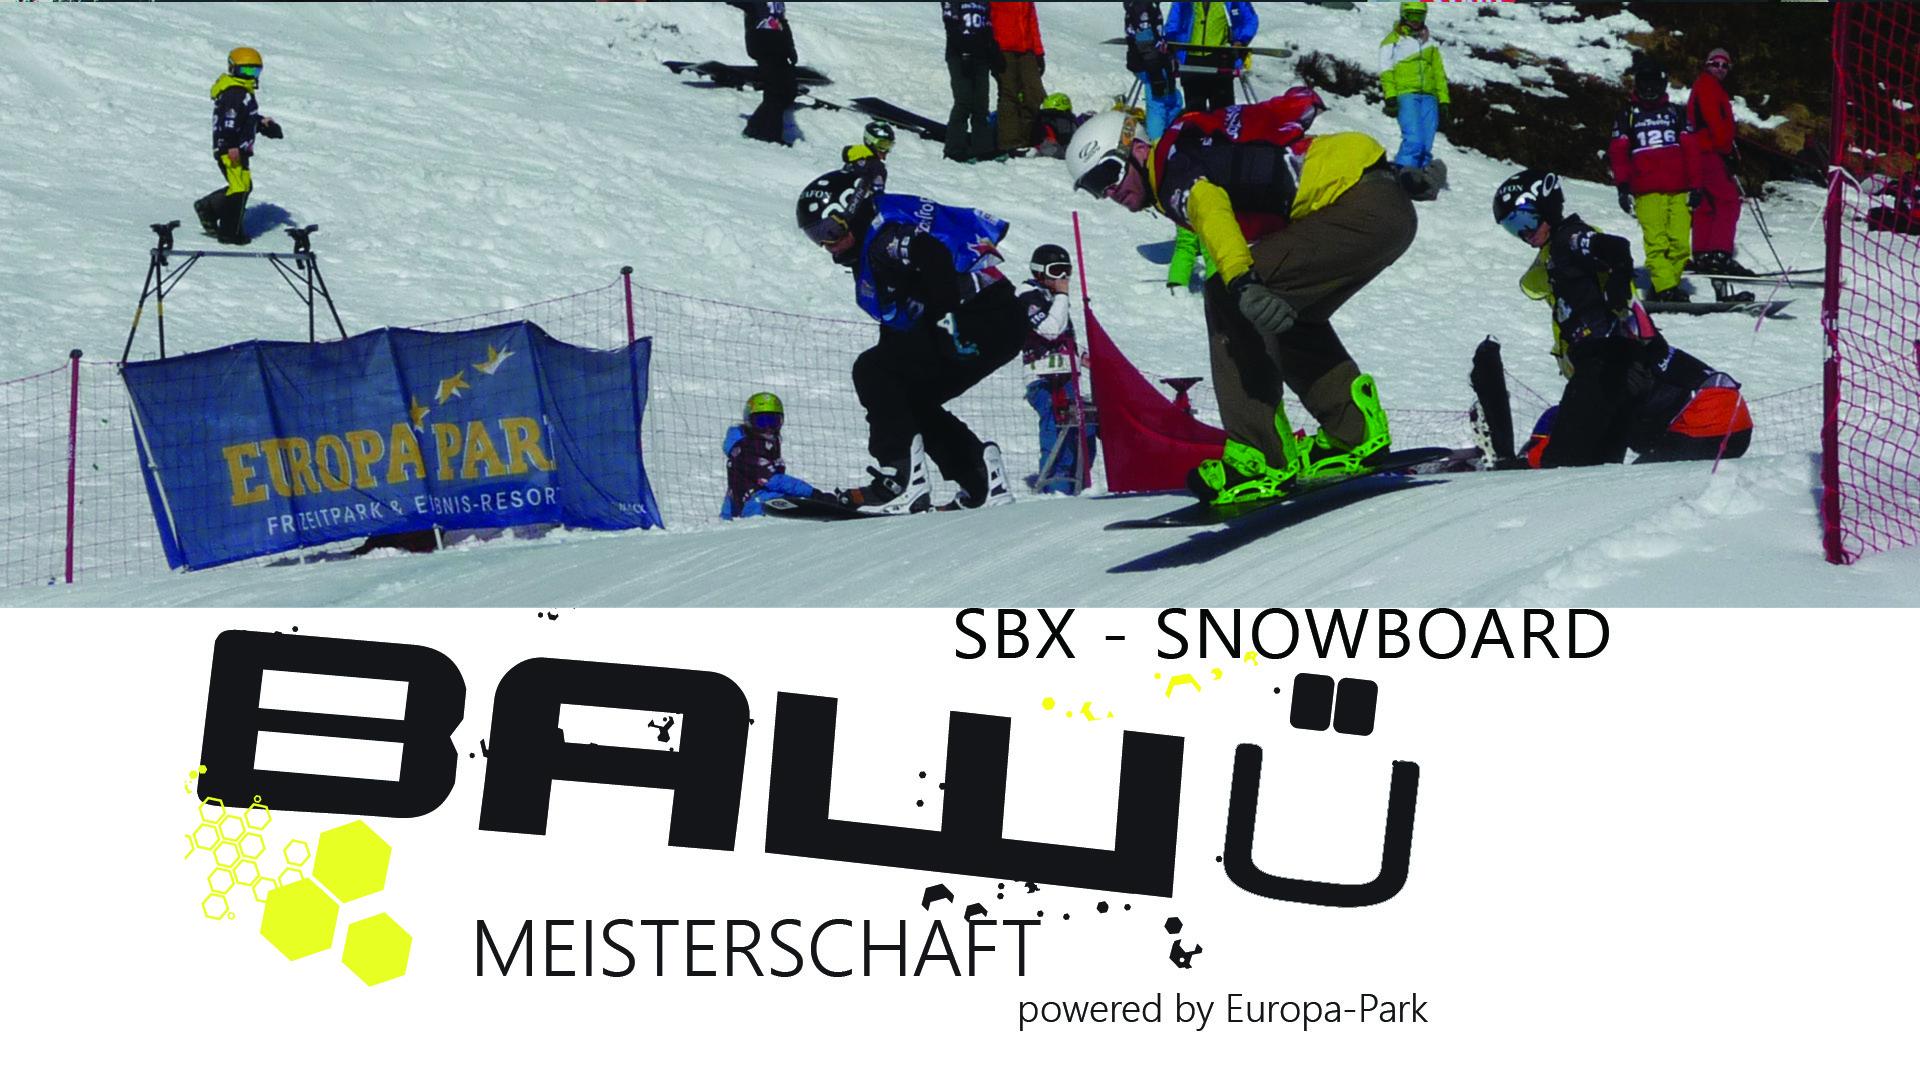 Ba-Wü Meisterschaften Snowboard (SBX)